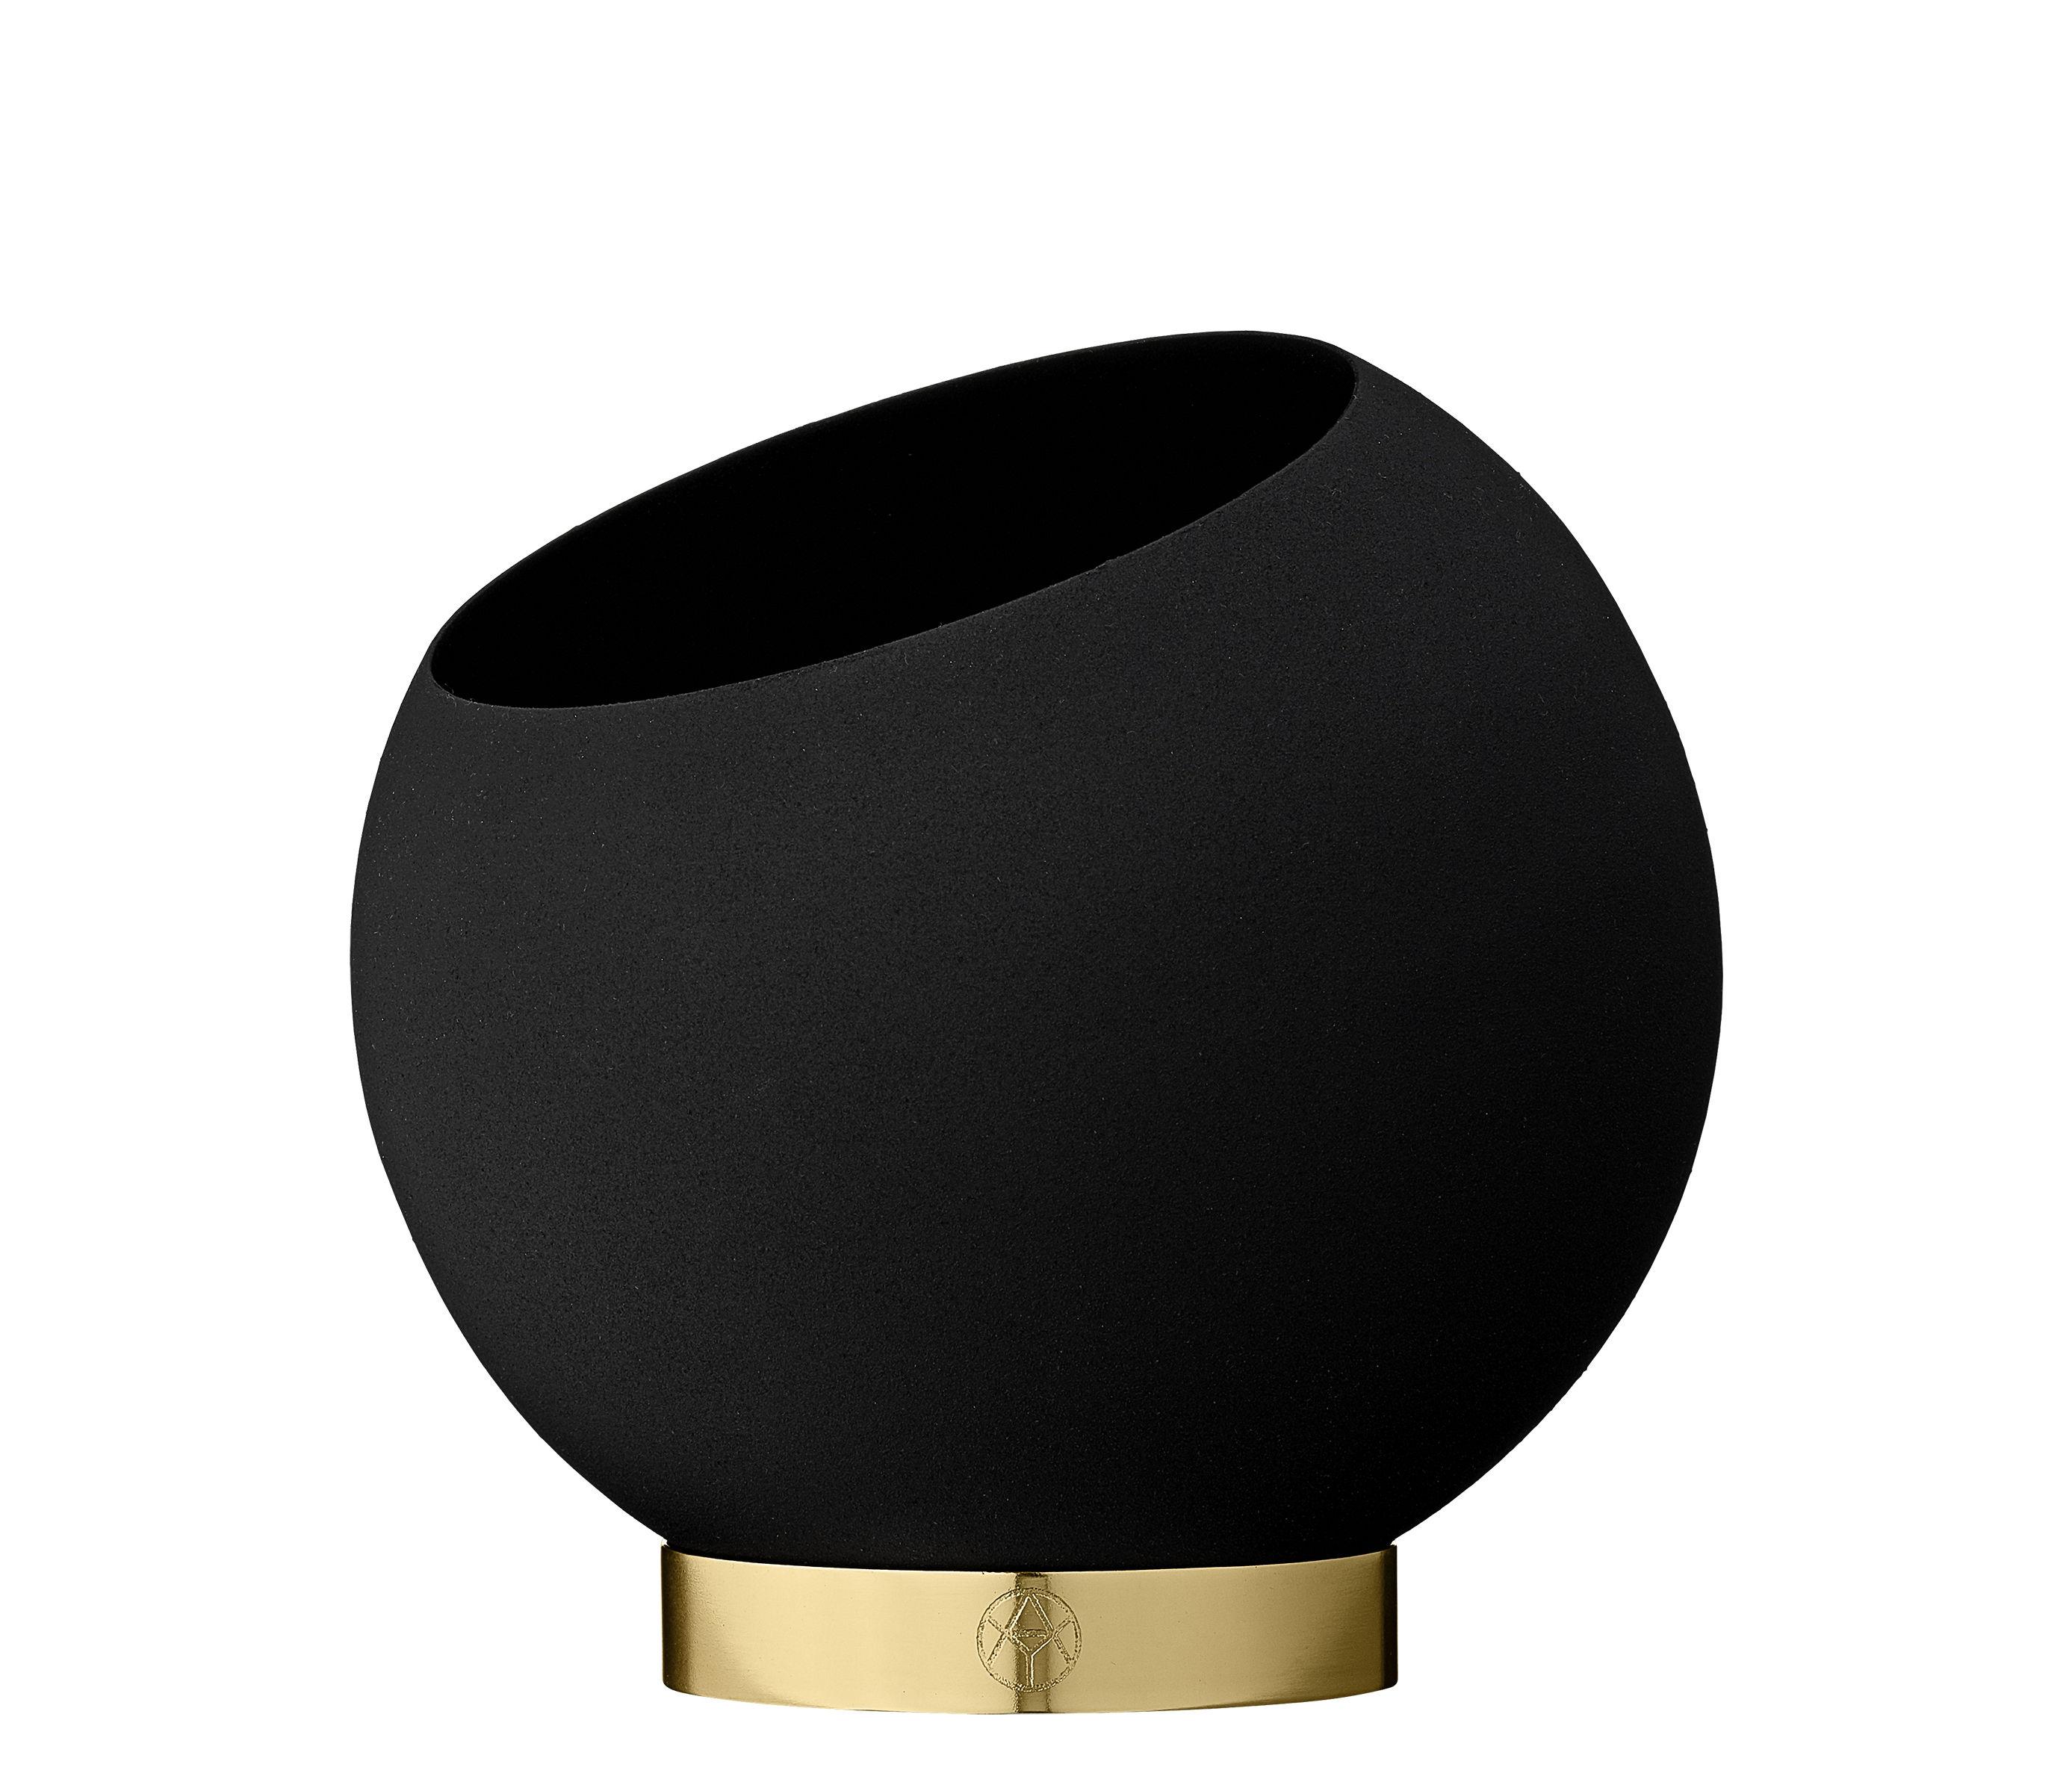 Interni - Vasi - Vaso per fiori Globe - / Ø 17 cm - Metallo di AYTM - Noir & or - Acciaio inossidabile, Ferro dipinto